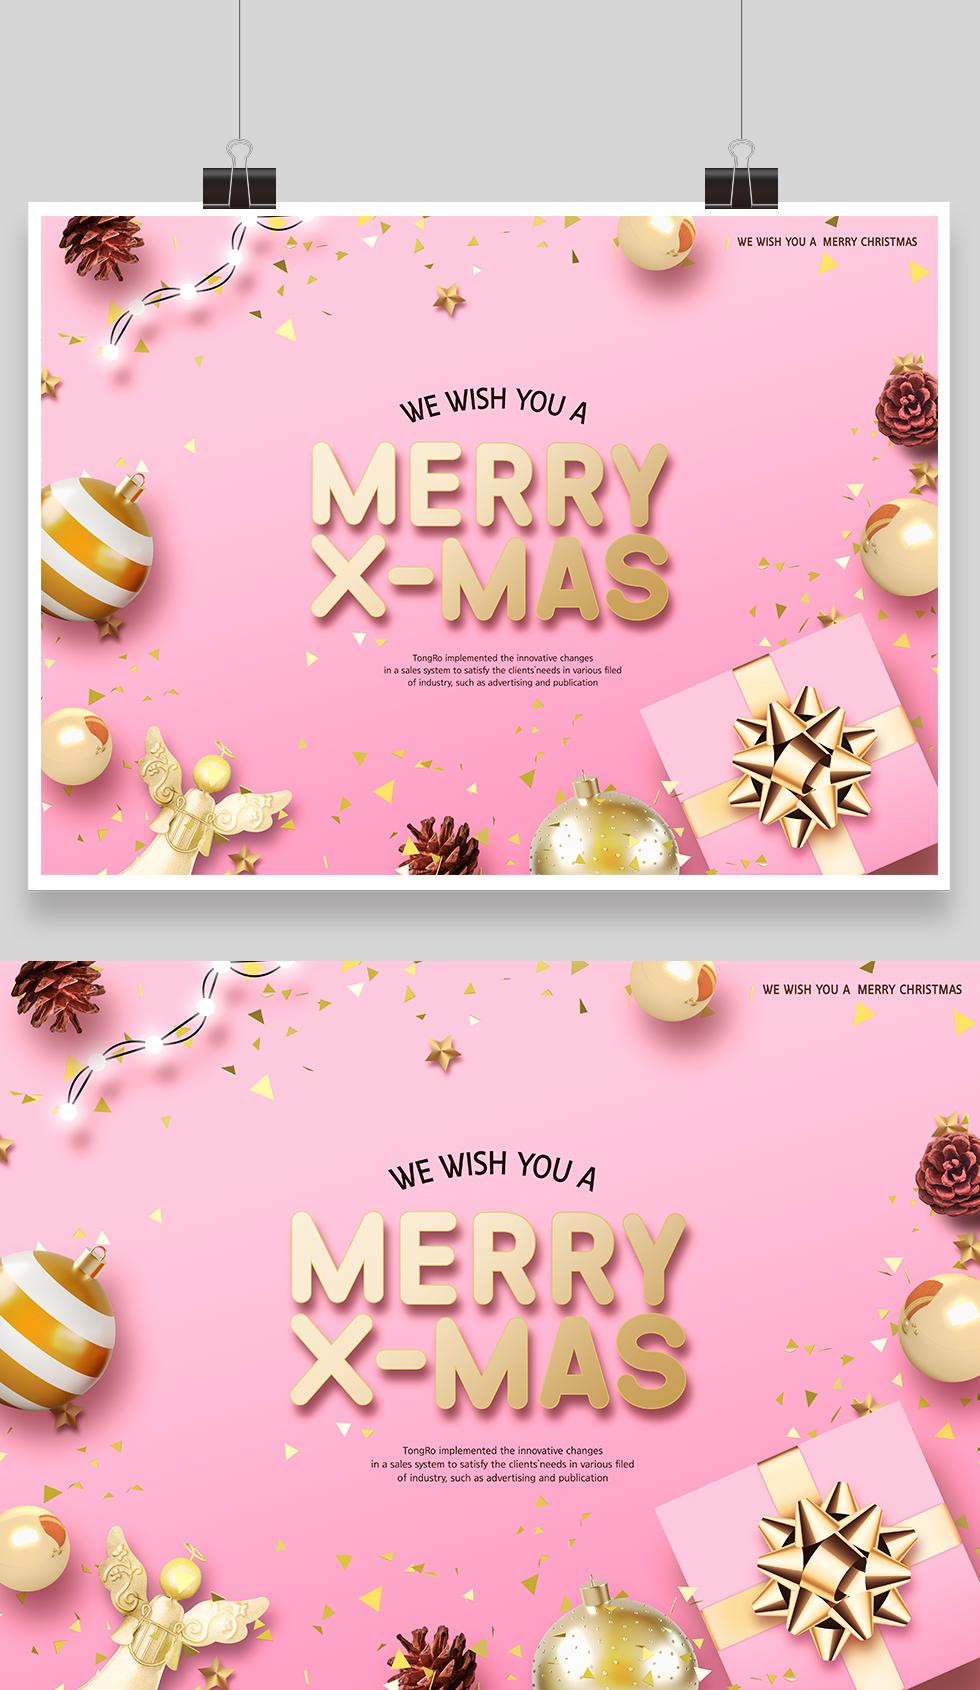 粉色文字简约风格Christmas圣诞节展示海报素材